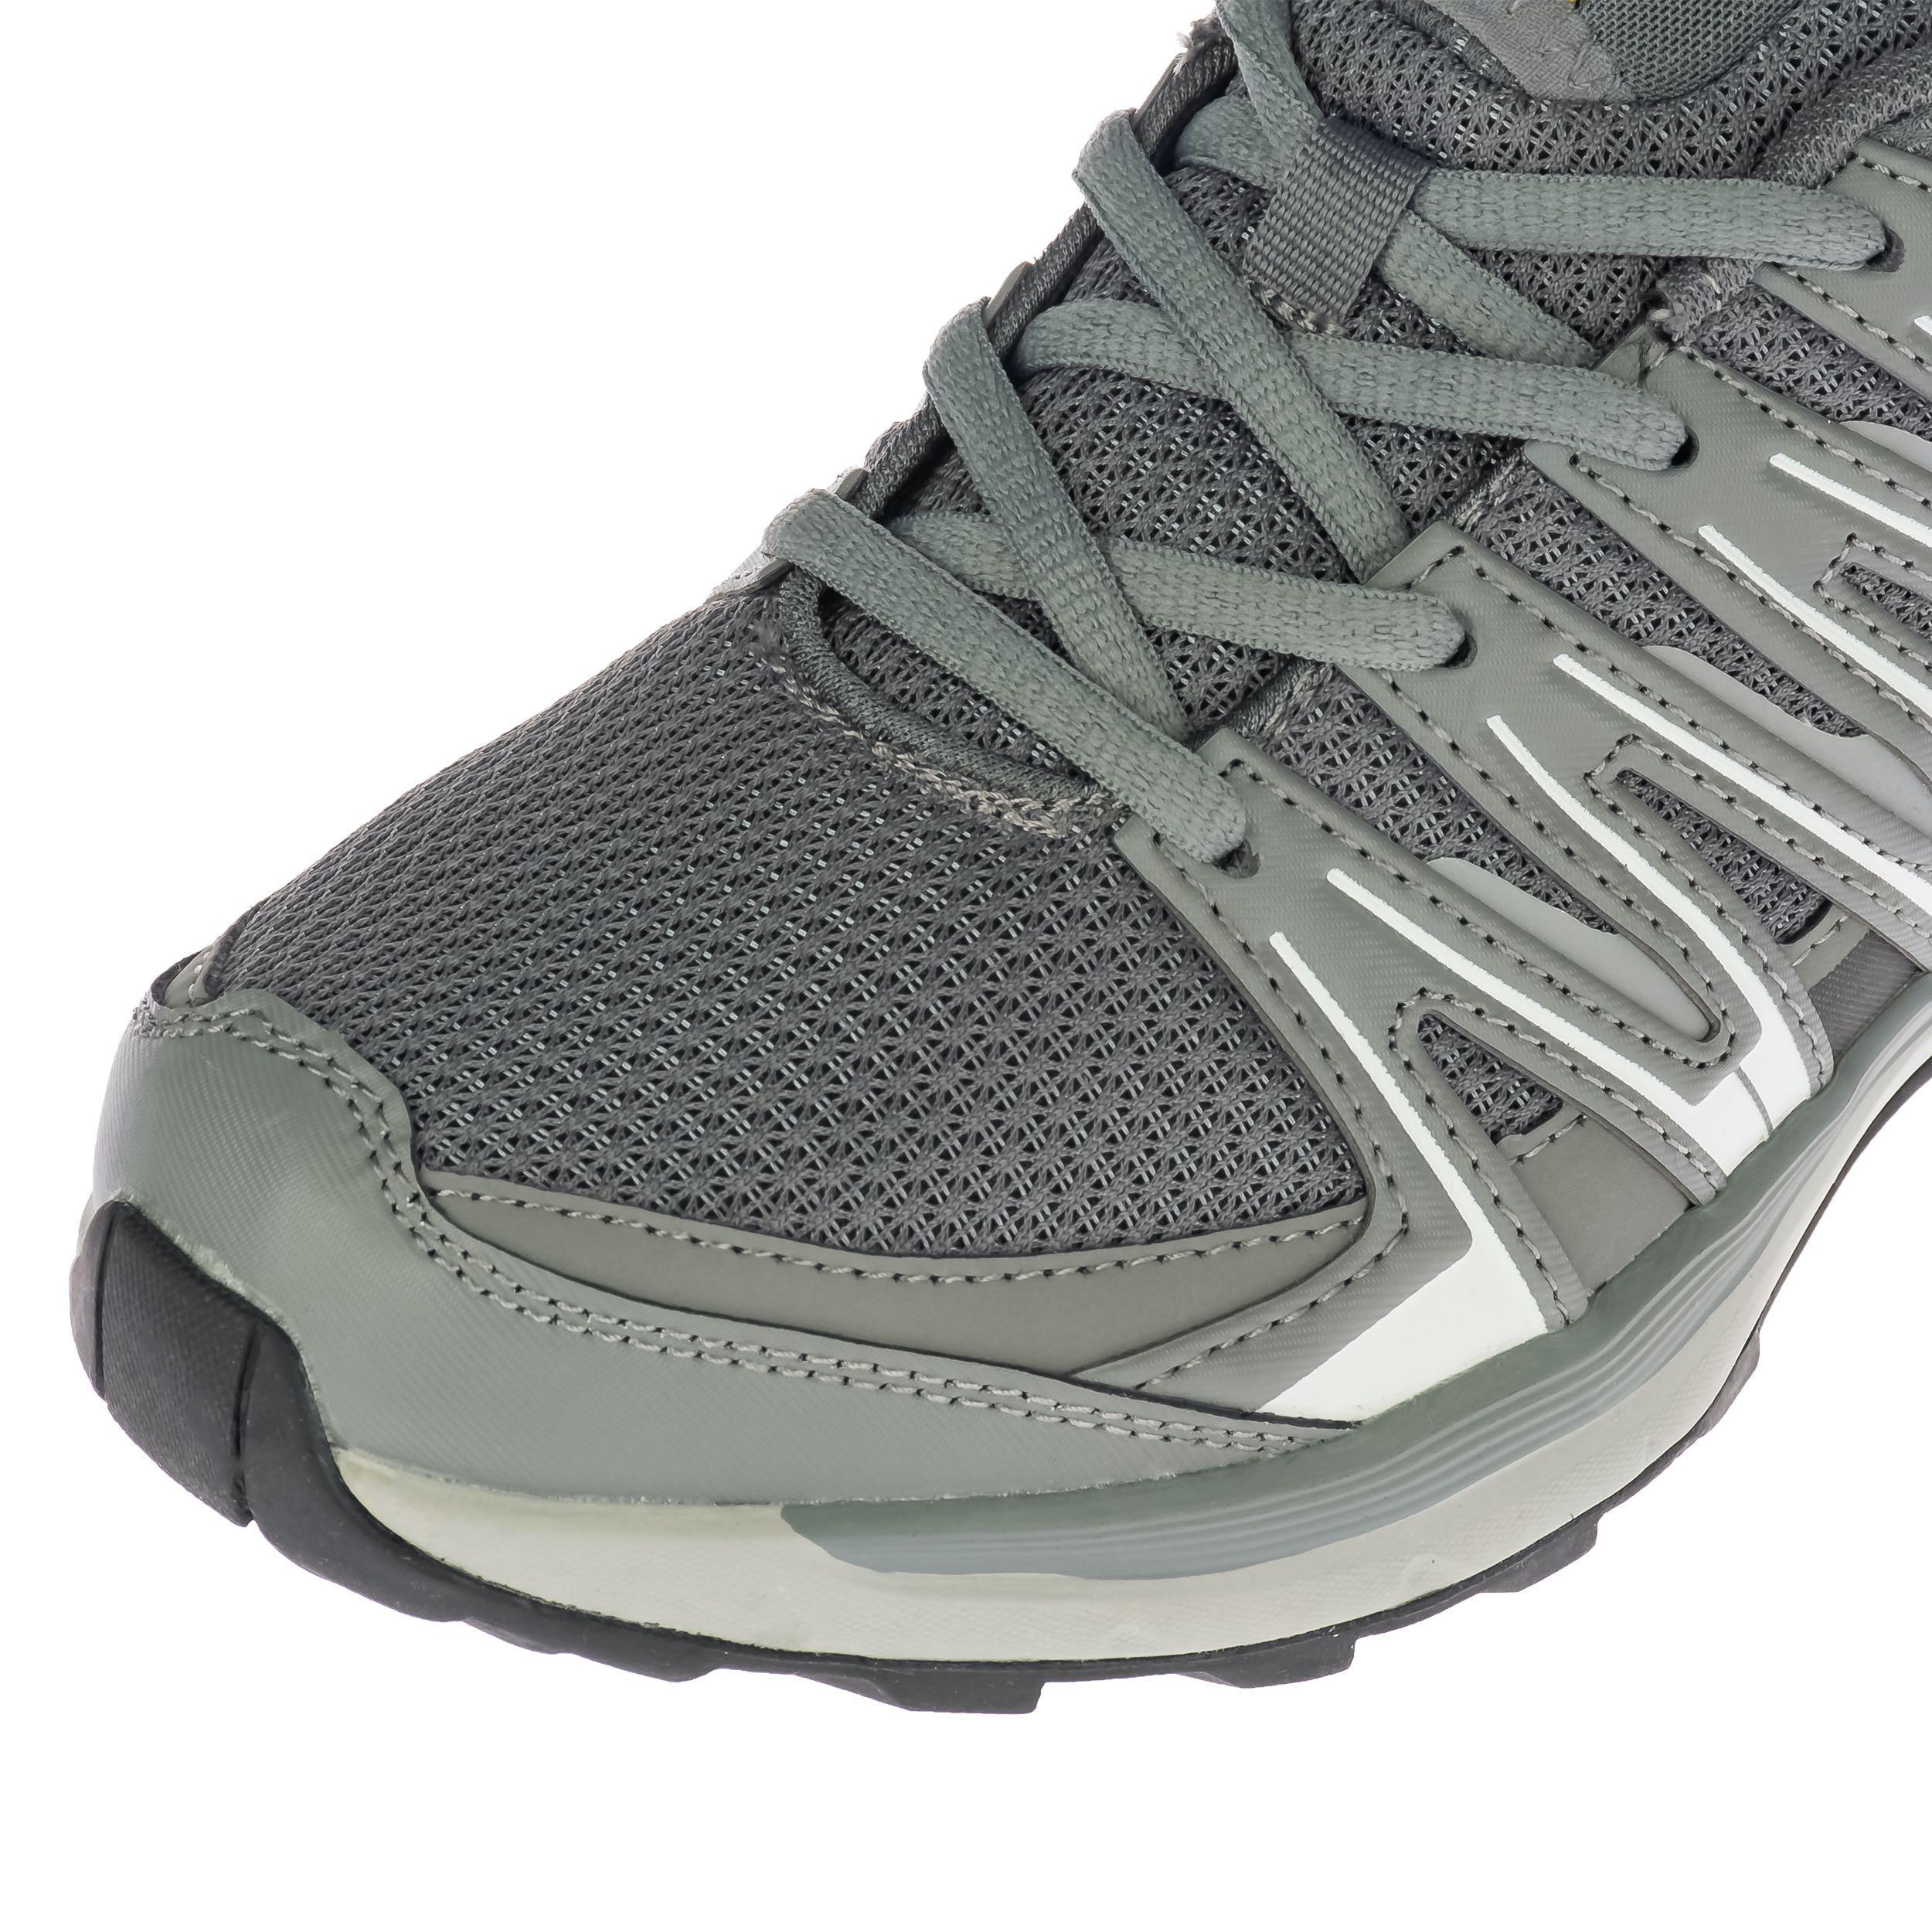 خرید                      کفش  پیاده روی مردانه کد c2